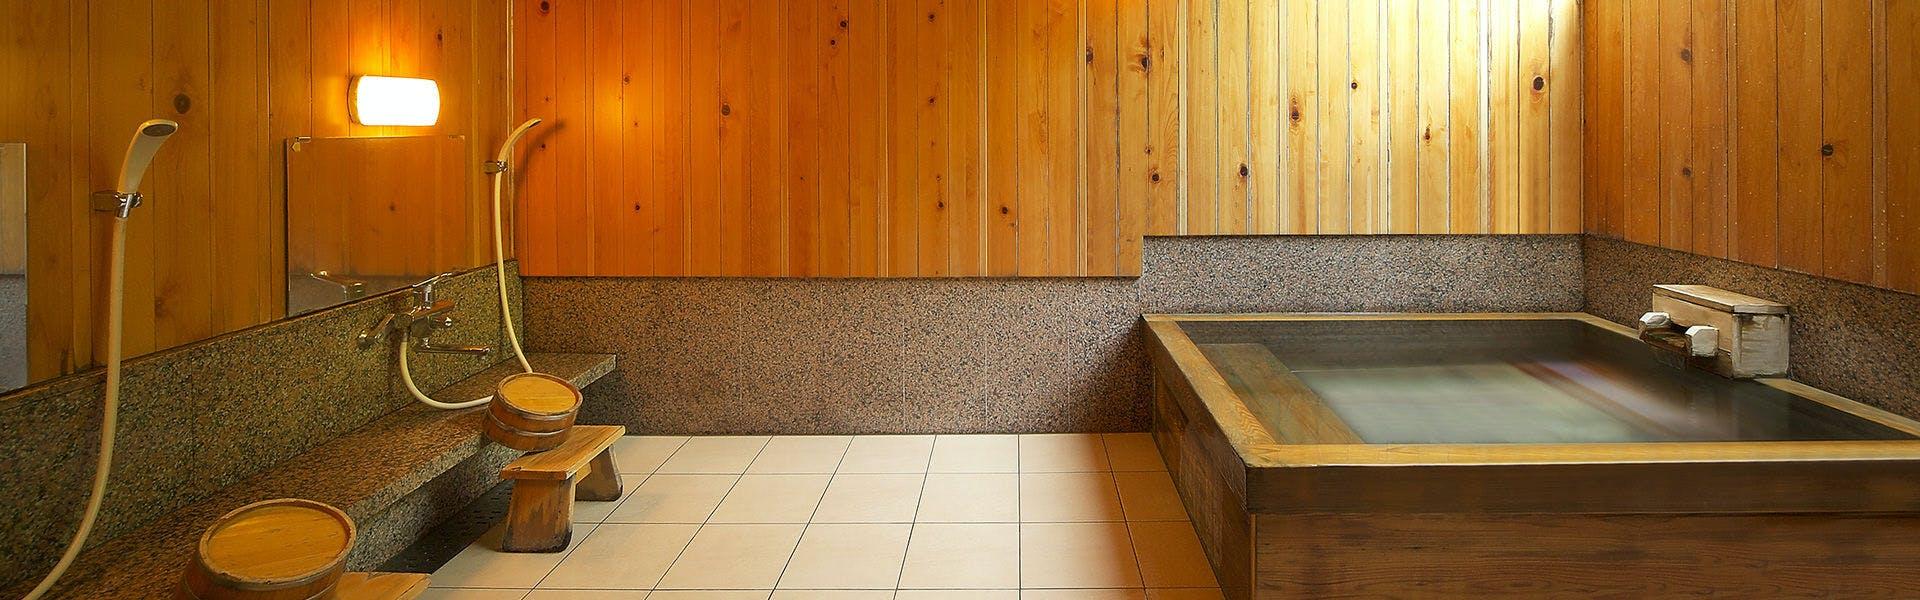 記念日におすすめのホテル・【ホテル山田屋】 の空室状況を確認するの写真2